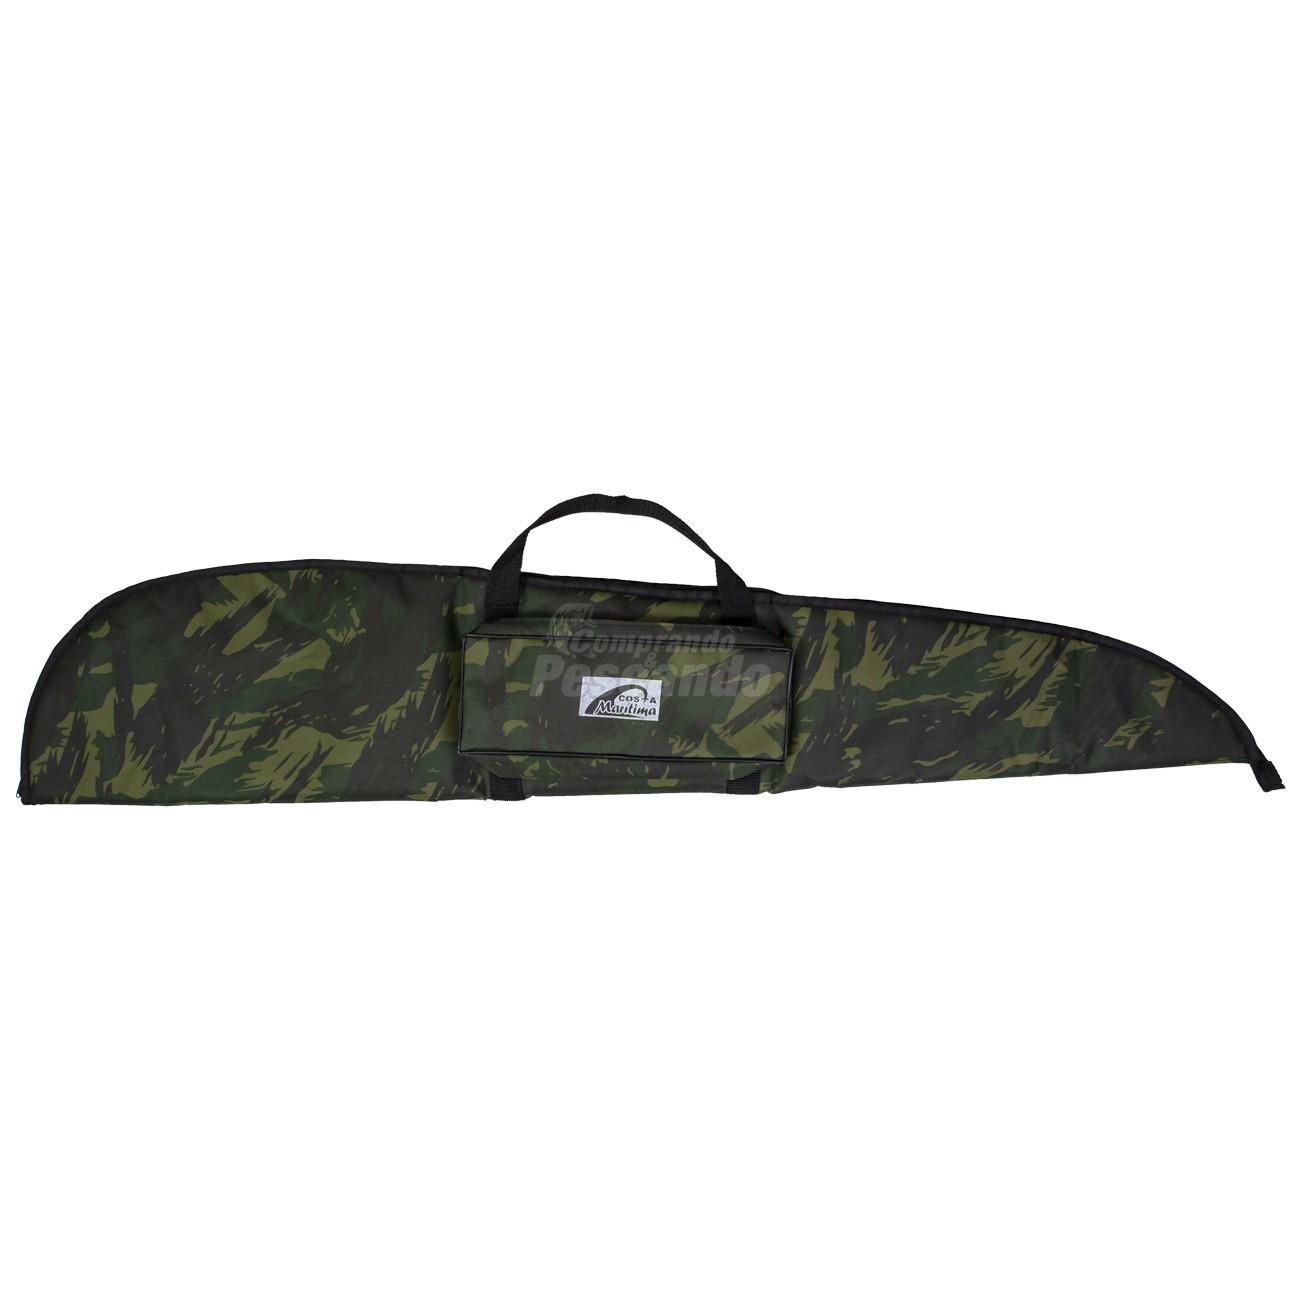 Capa para Carabina de Pressão 1,20mts  - Comprando & Pescando